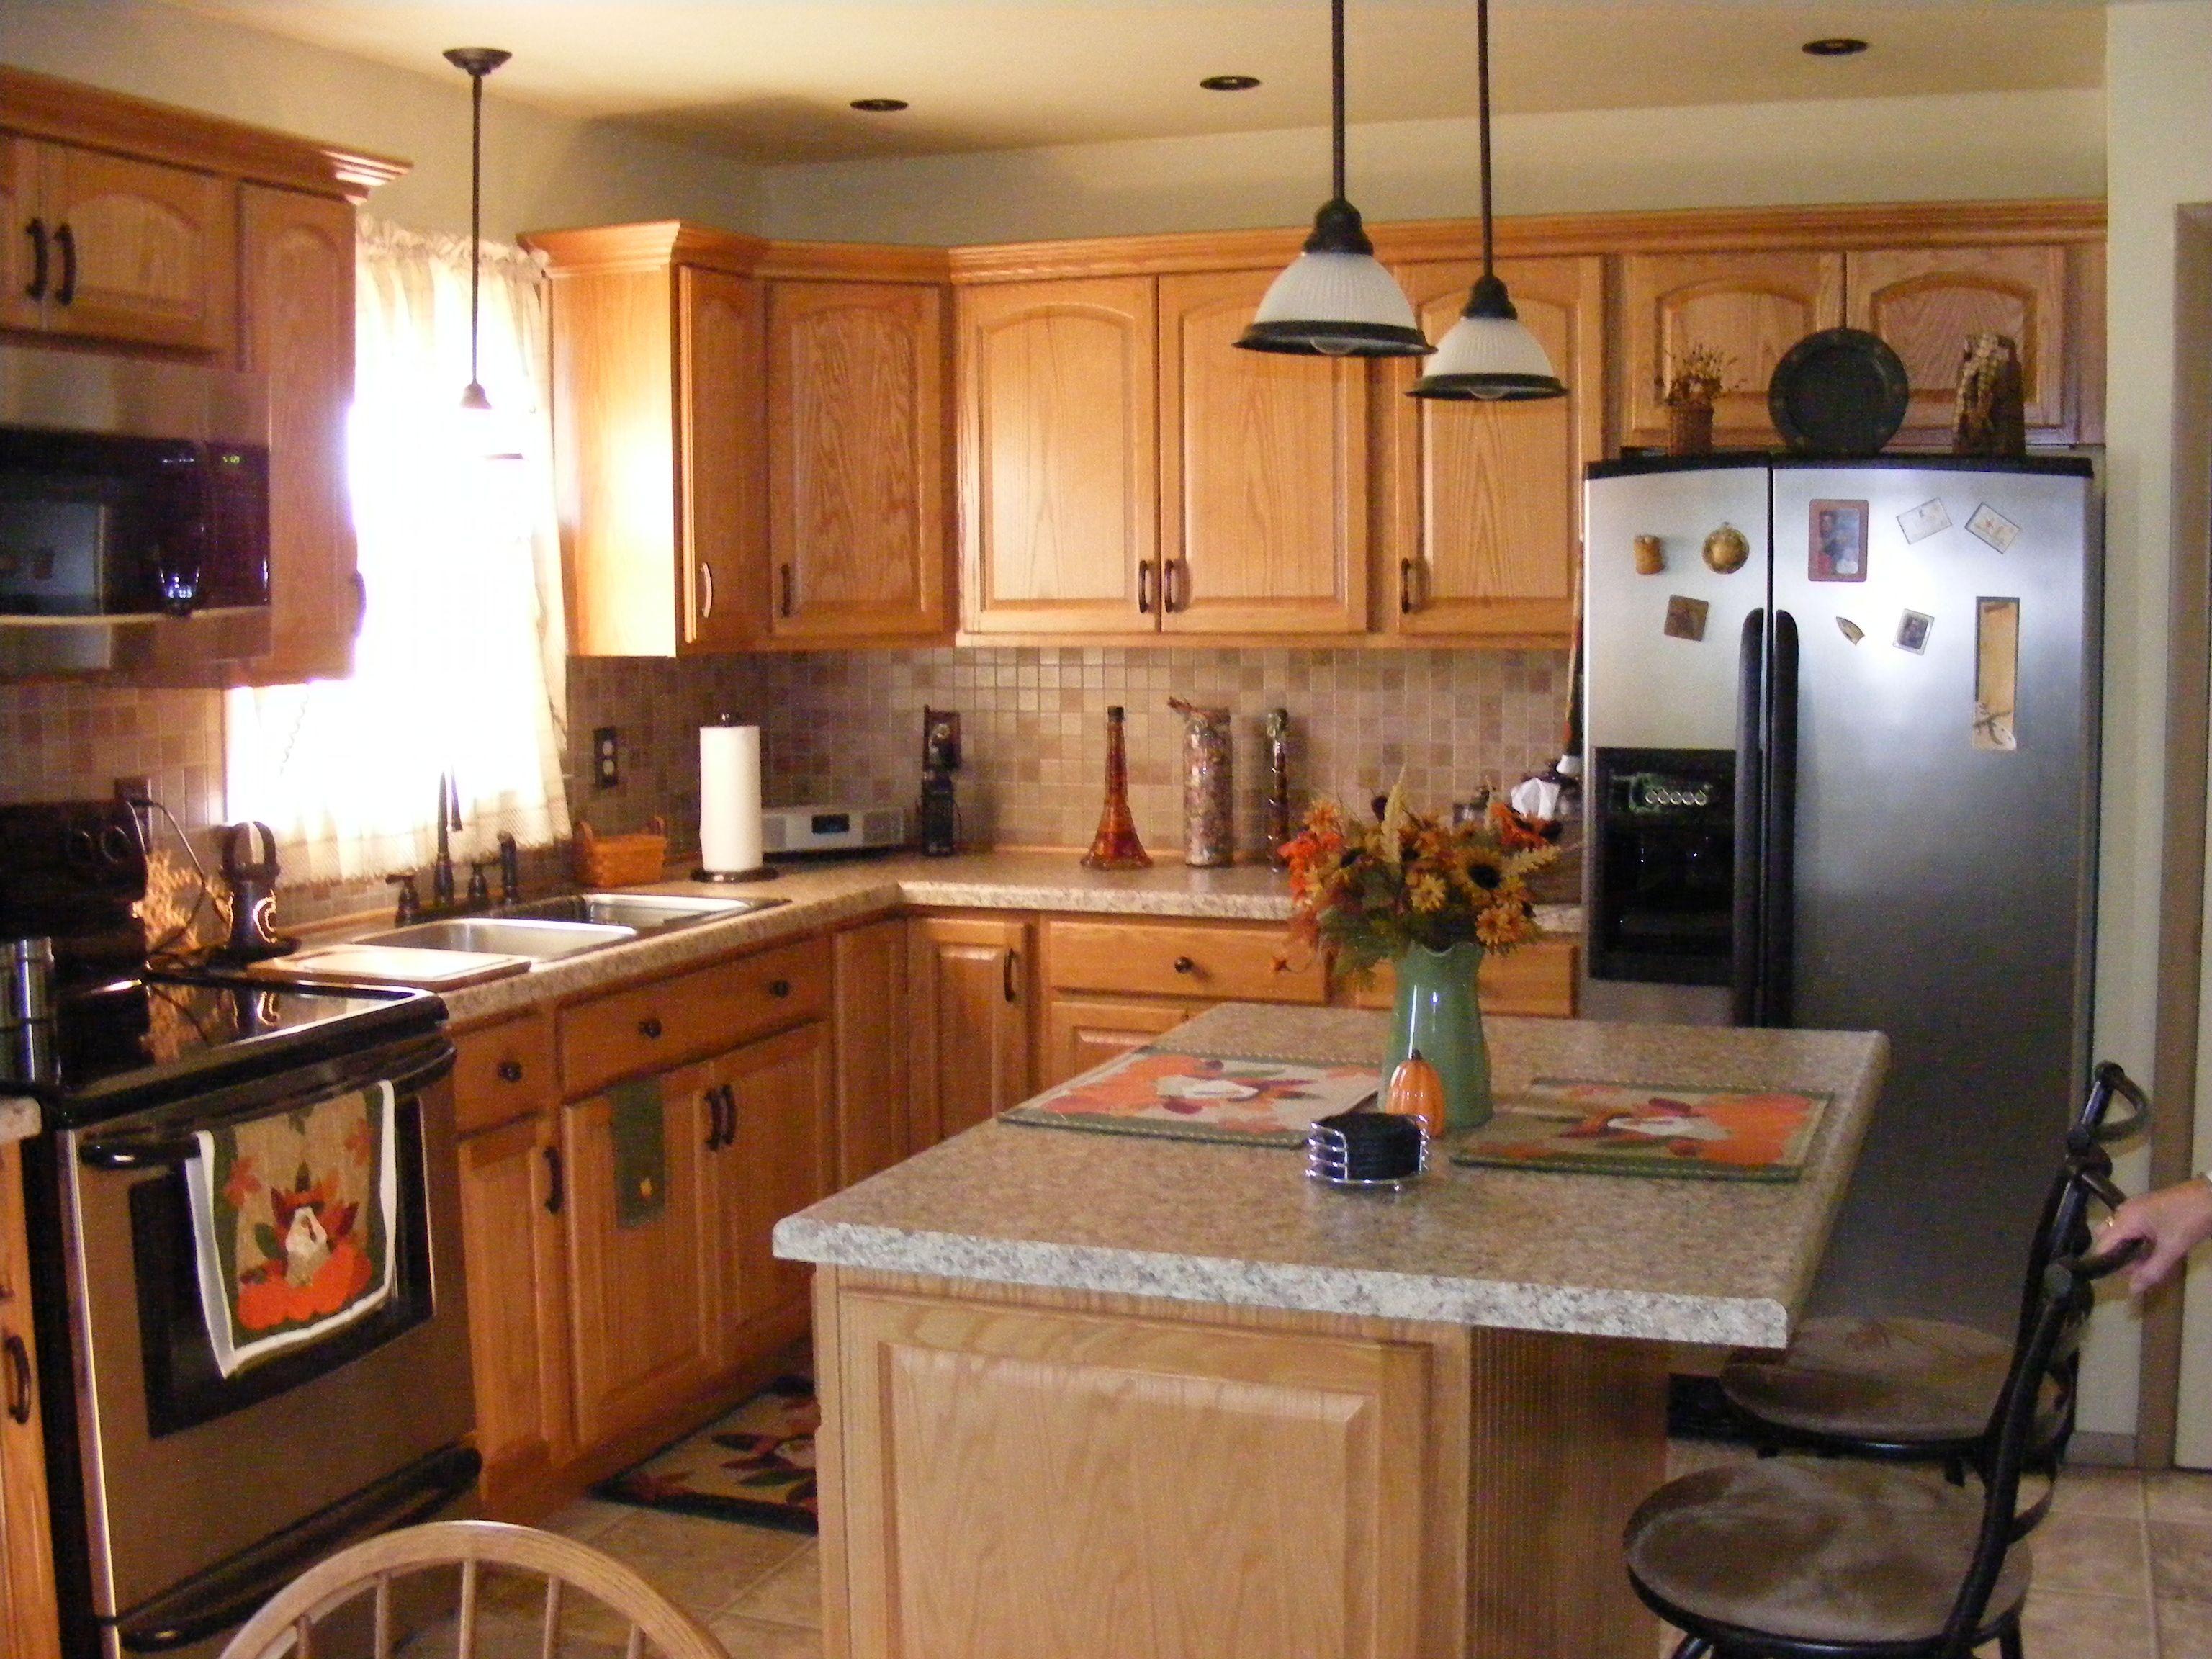 Golden oak kitchen, tile backsplash, warm colors